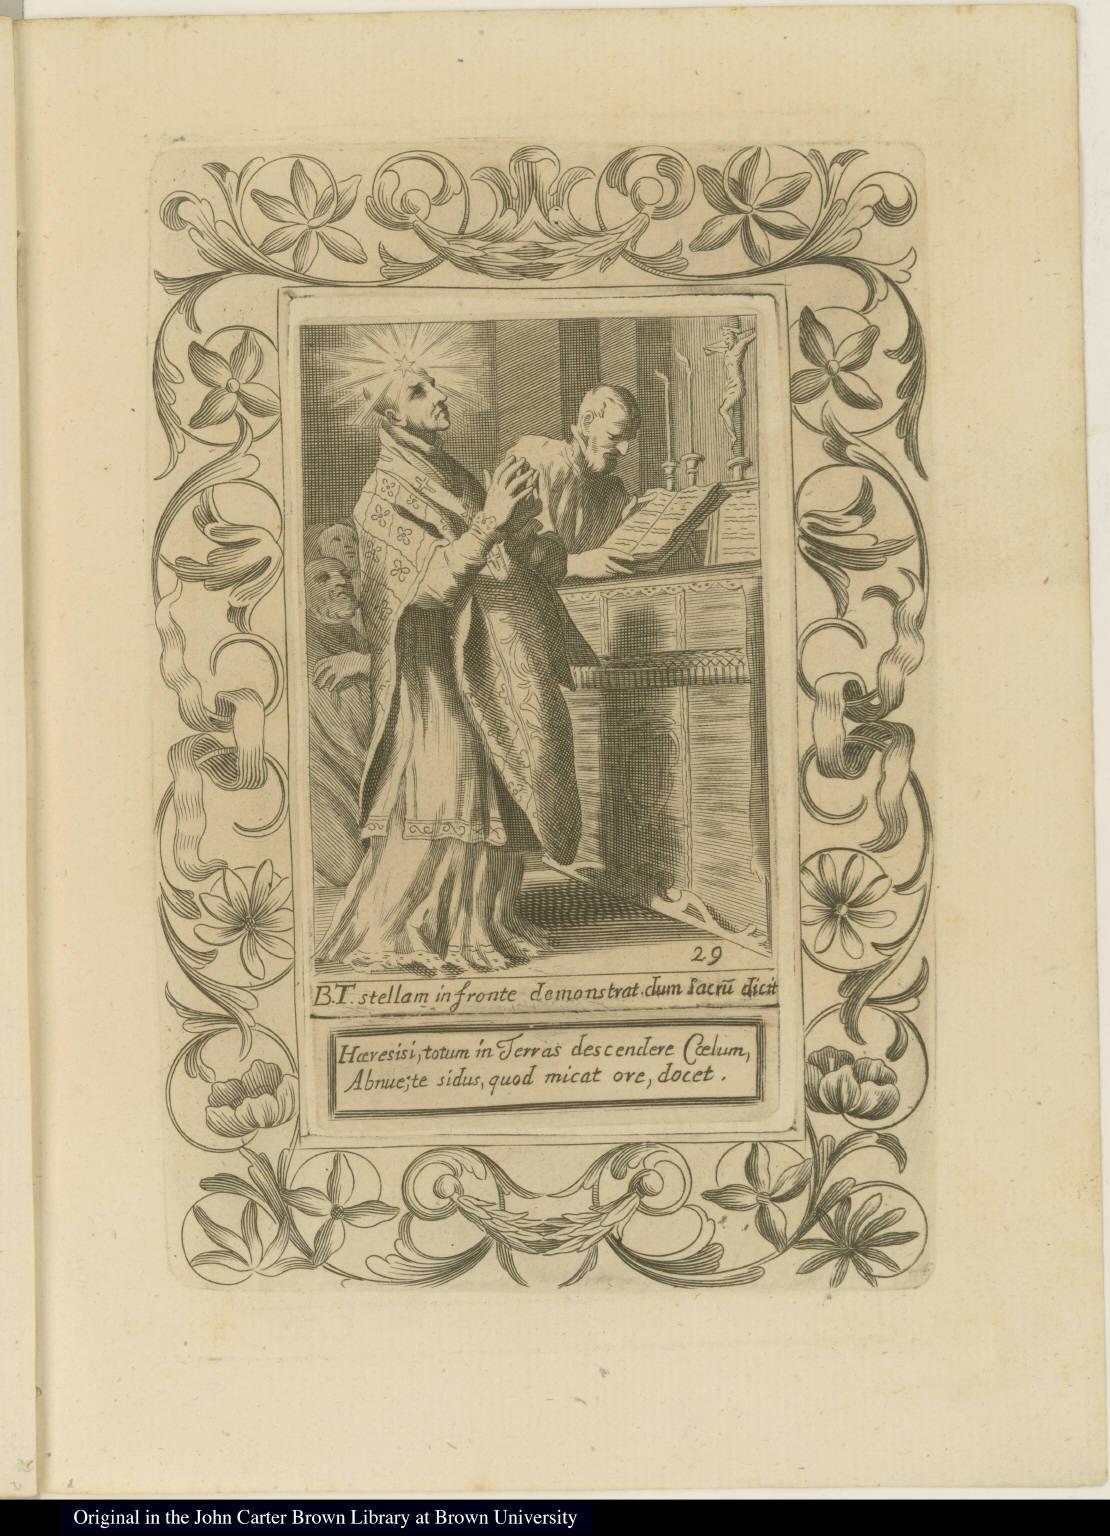 B. T. stellam in fronte demonstrat dum Sacru[m] dicit